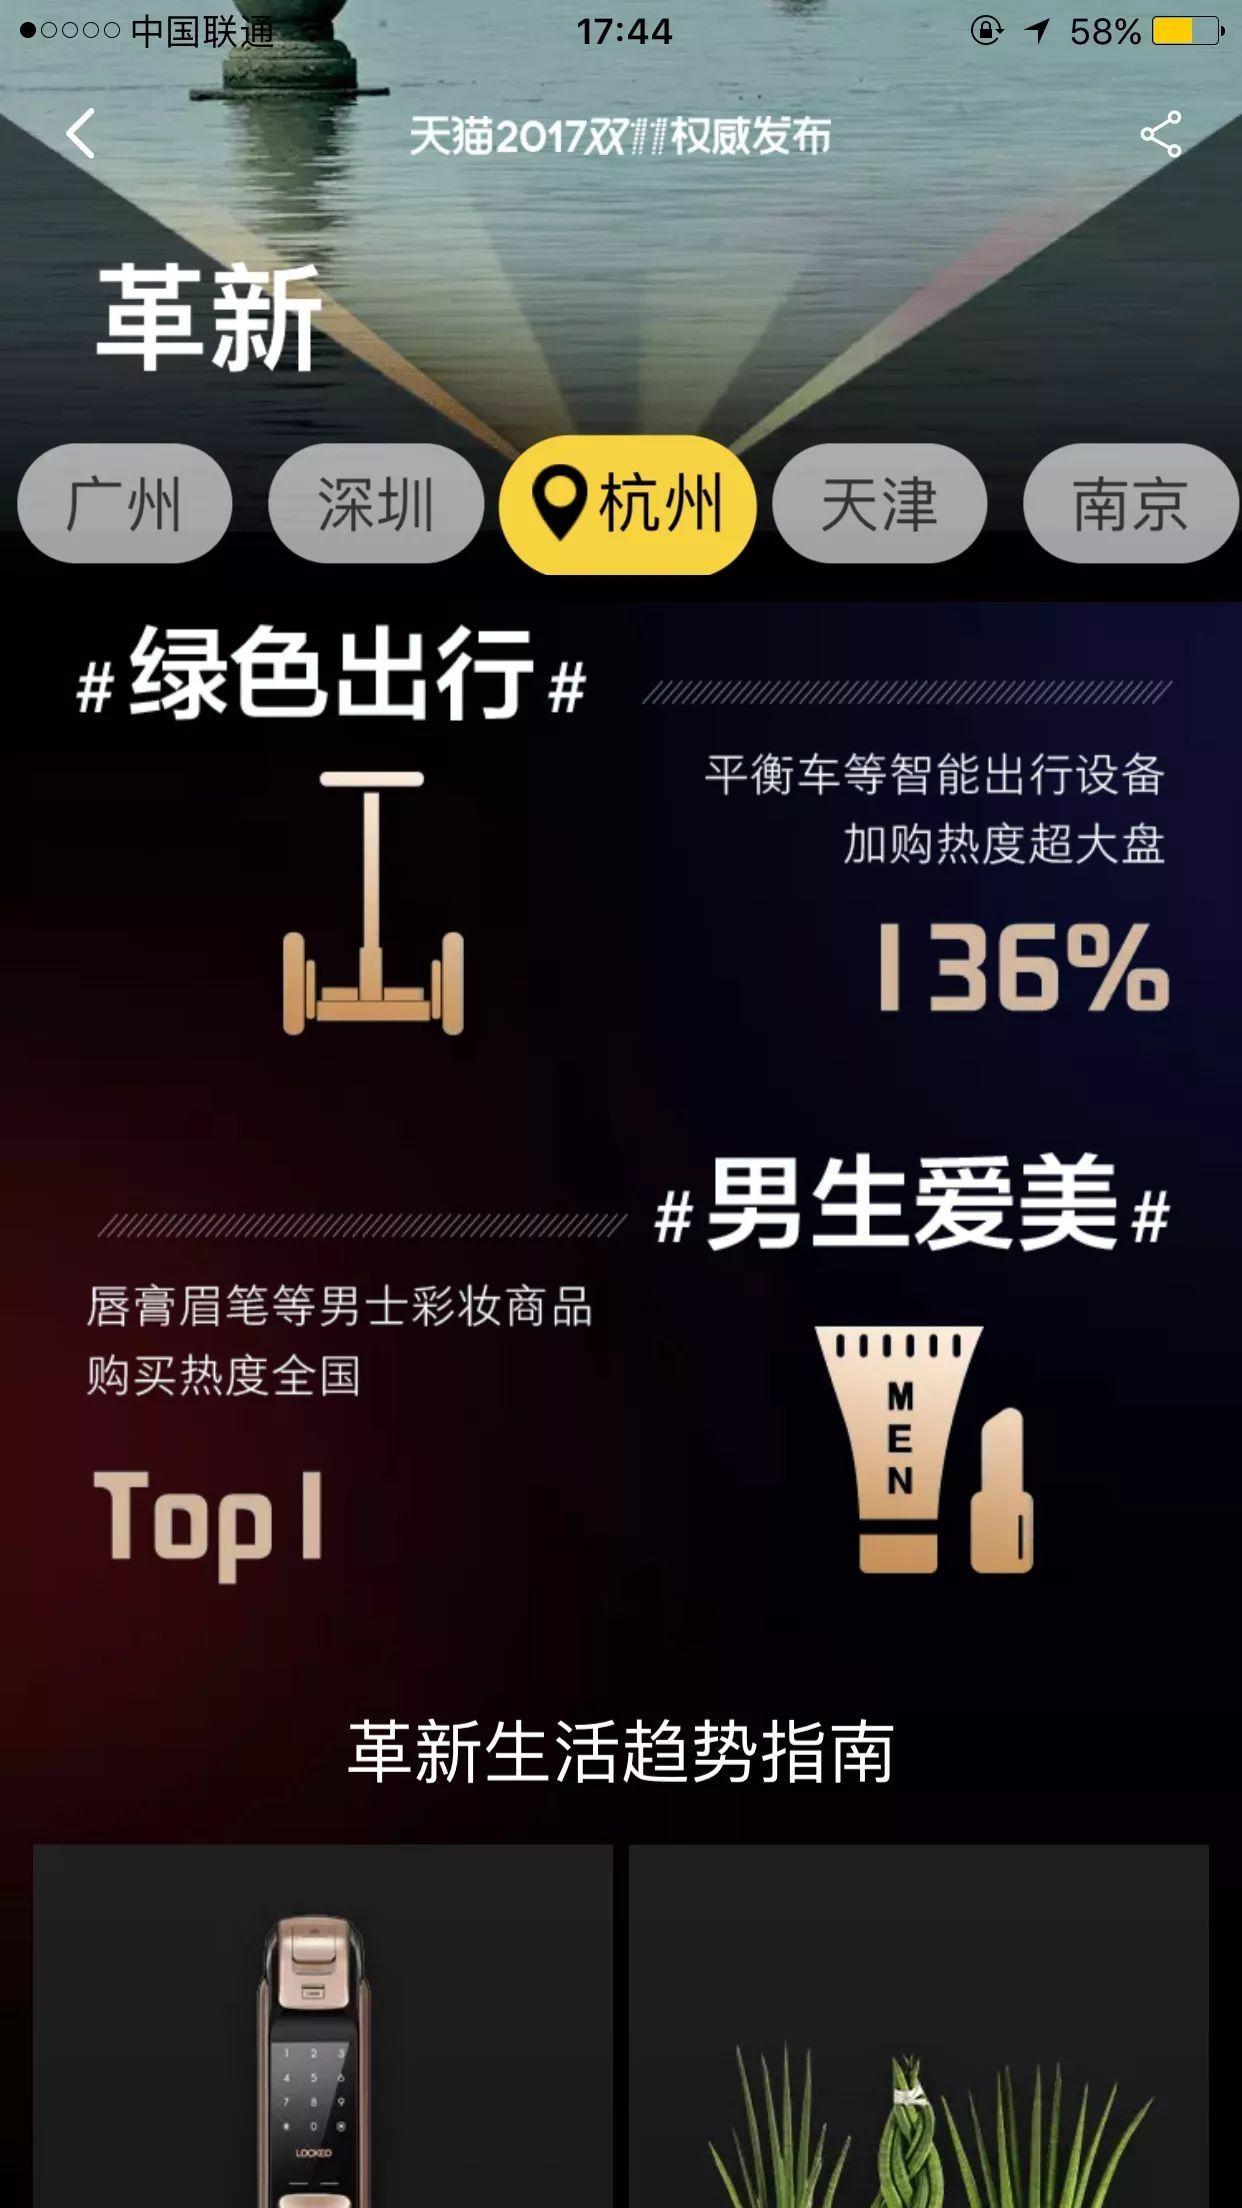 天猫双十一,大数据揭秘中国九大城市消费dna图片